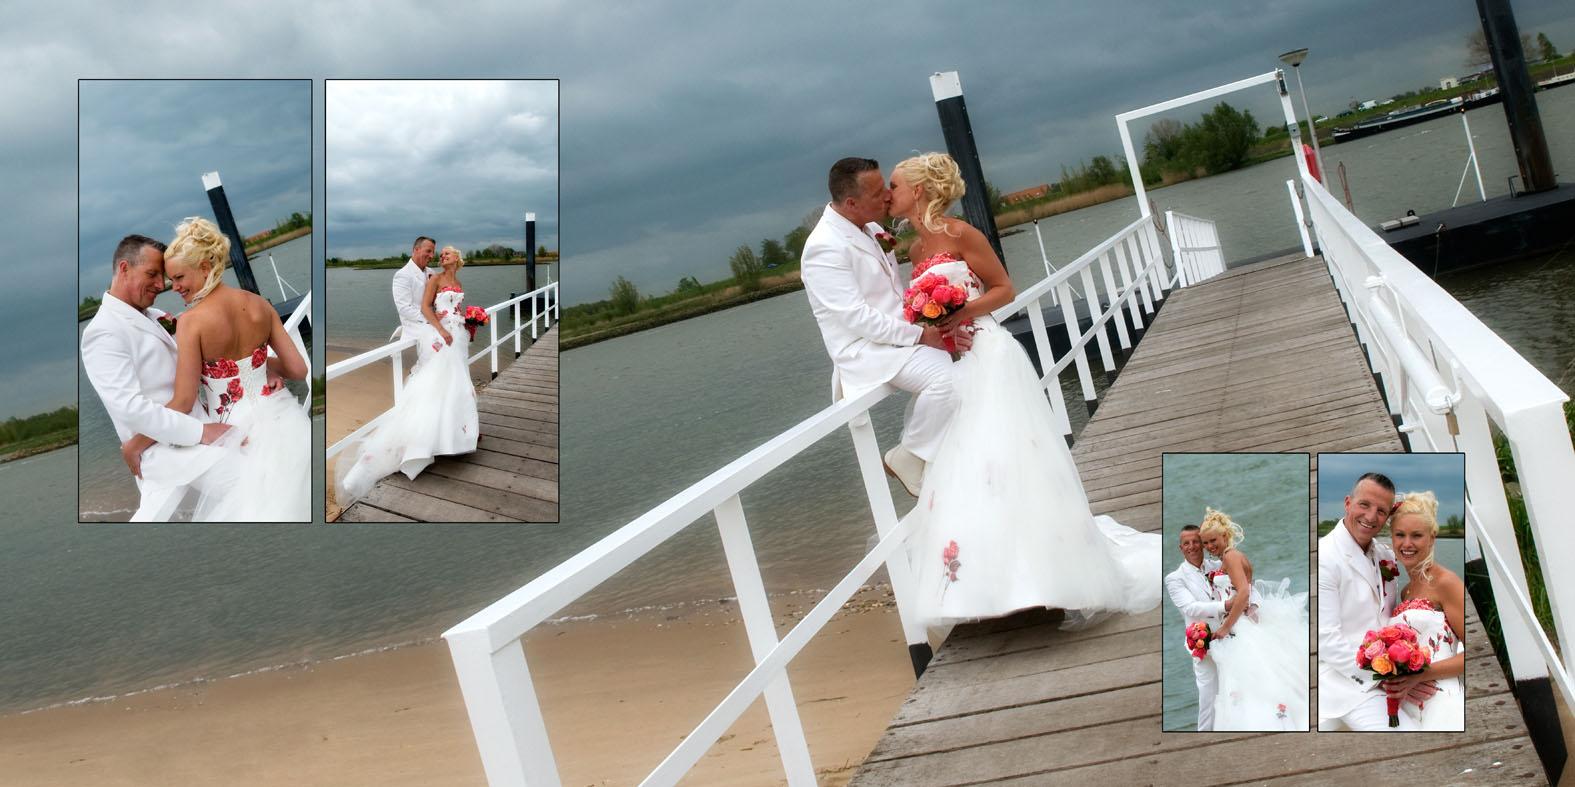 Niestadt-fotografie-Schoonhoven-trouw-fotos-Lopik-Herman-en-Jennifer-trouwboek-pagina-8